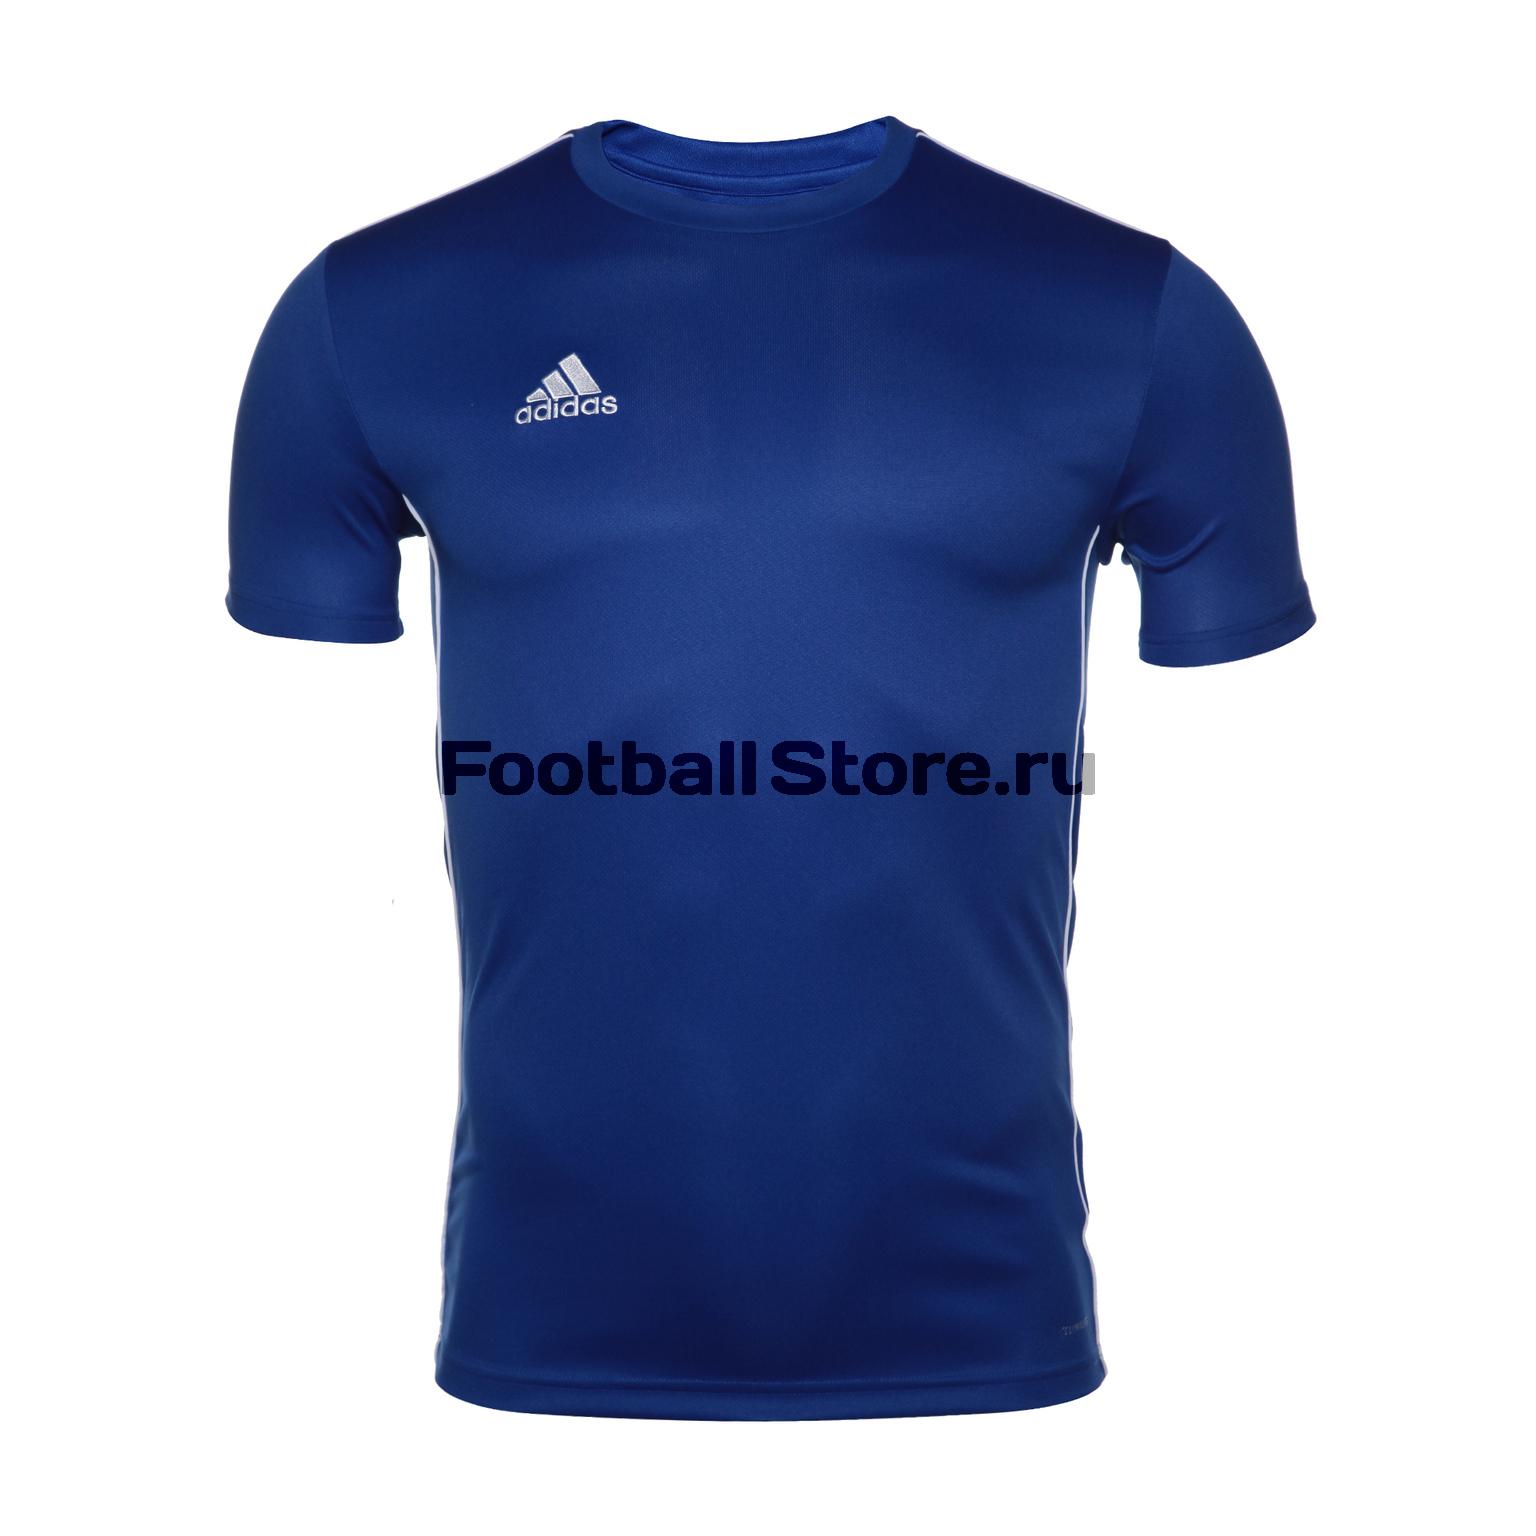 Футболка тренировочная Adidas Core18 JSY CV3451 футболка тренировочная adidas tiro19 tr jsy dt5288